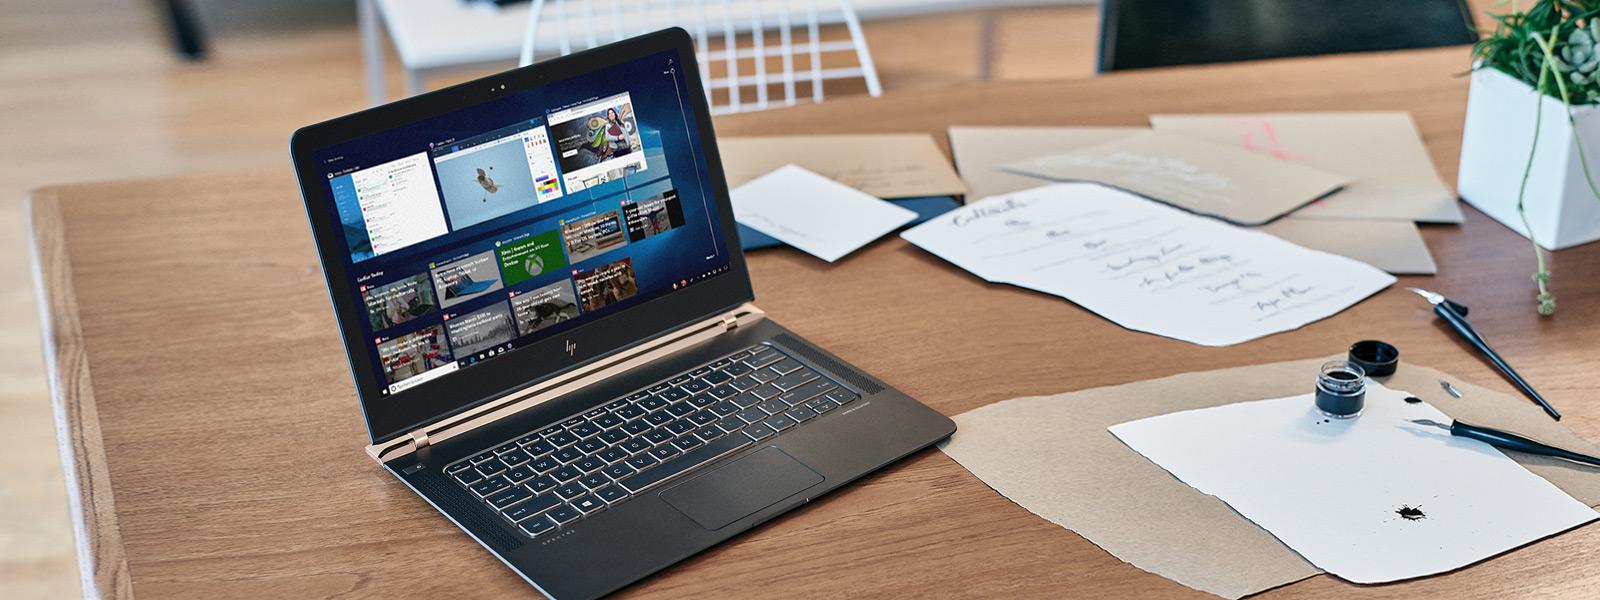 Windows Timeline mostrado na tela de um laptop em uma mesa